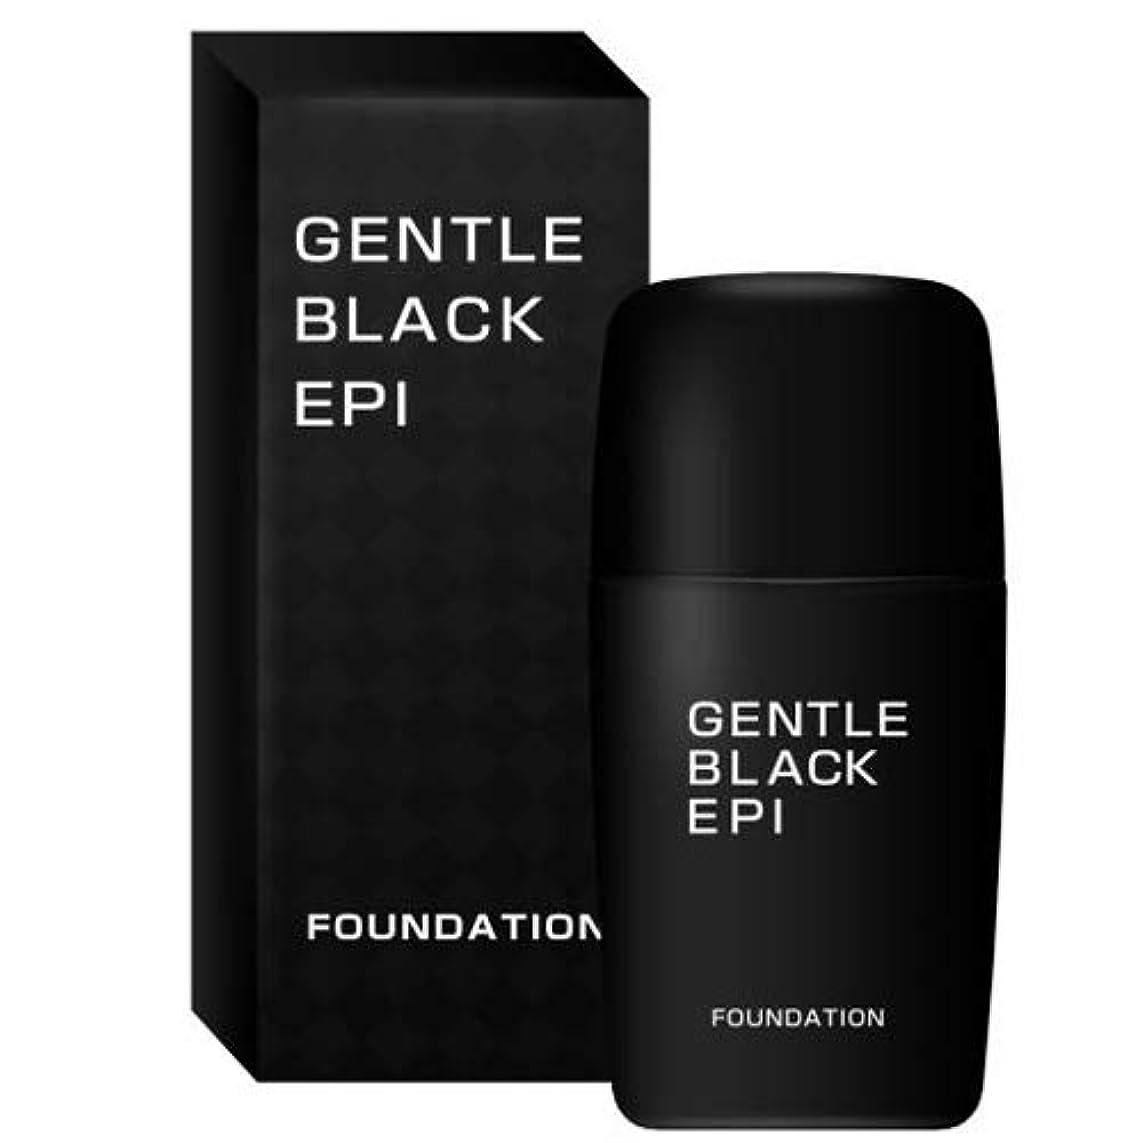 辞書むちゃくちゃ遺棄されたGENTLE BLACK EPI FAUNDATION ジェントルブラックエピファンデーション